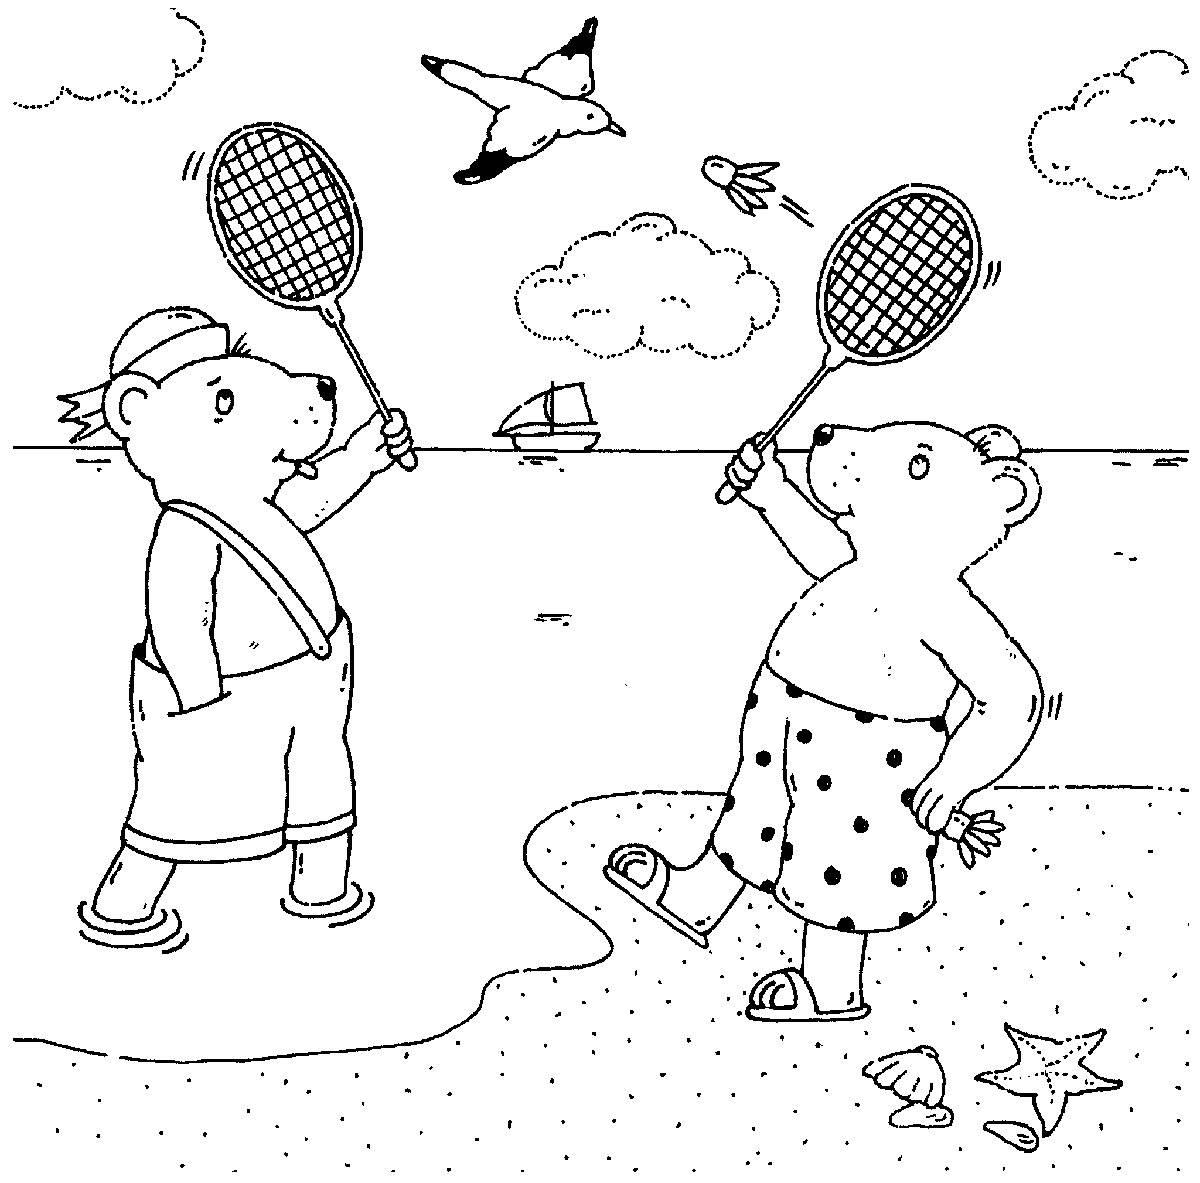 Ausmalbild Sport: Federball spielen am Strand kostenlos ausdrucken